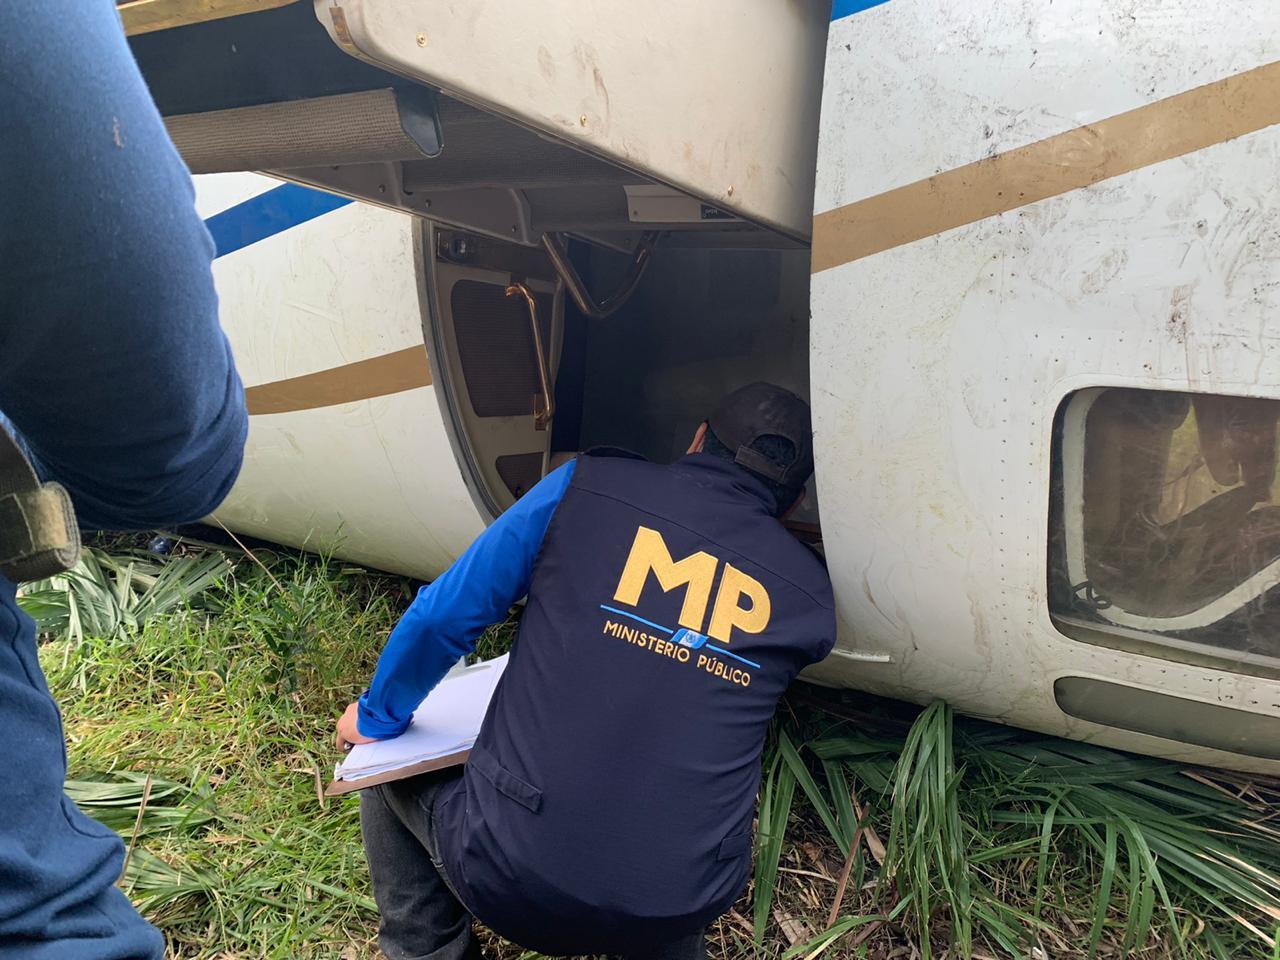 Localizan aeronave con posibles ilícitos en Retalhuleu